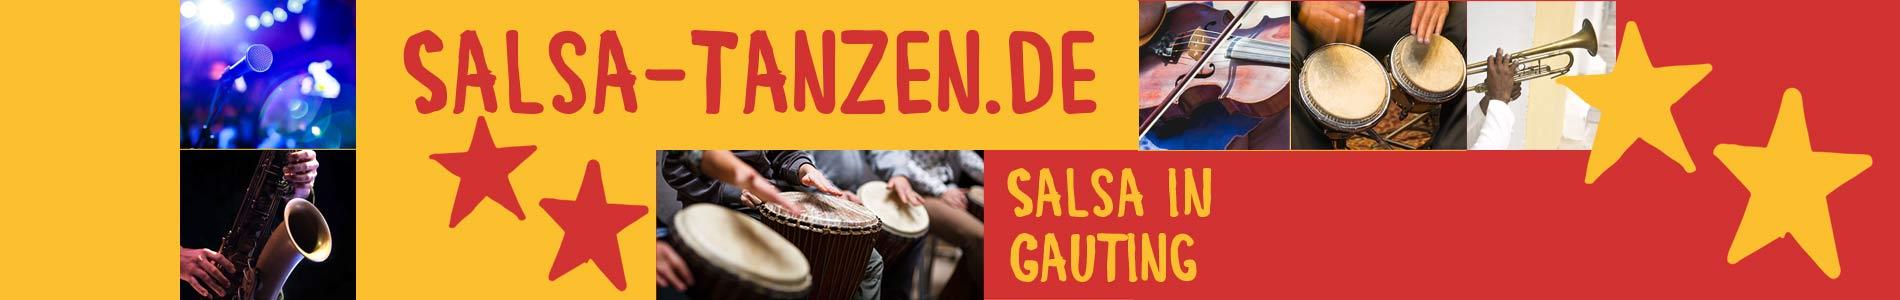 Salsa in Gauting – Salsa lernen und tanzen, Tanzkurse, Partys, Veranstaltungen